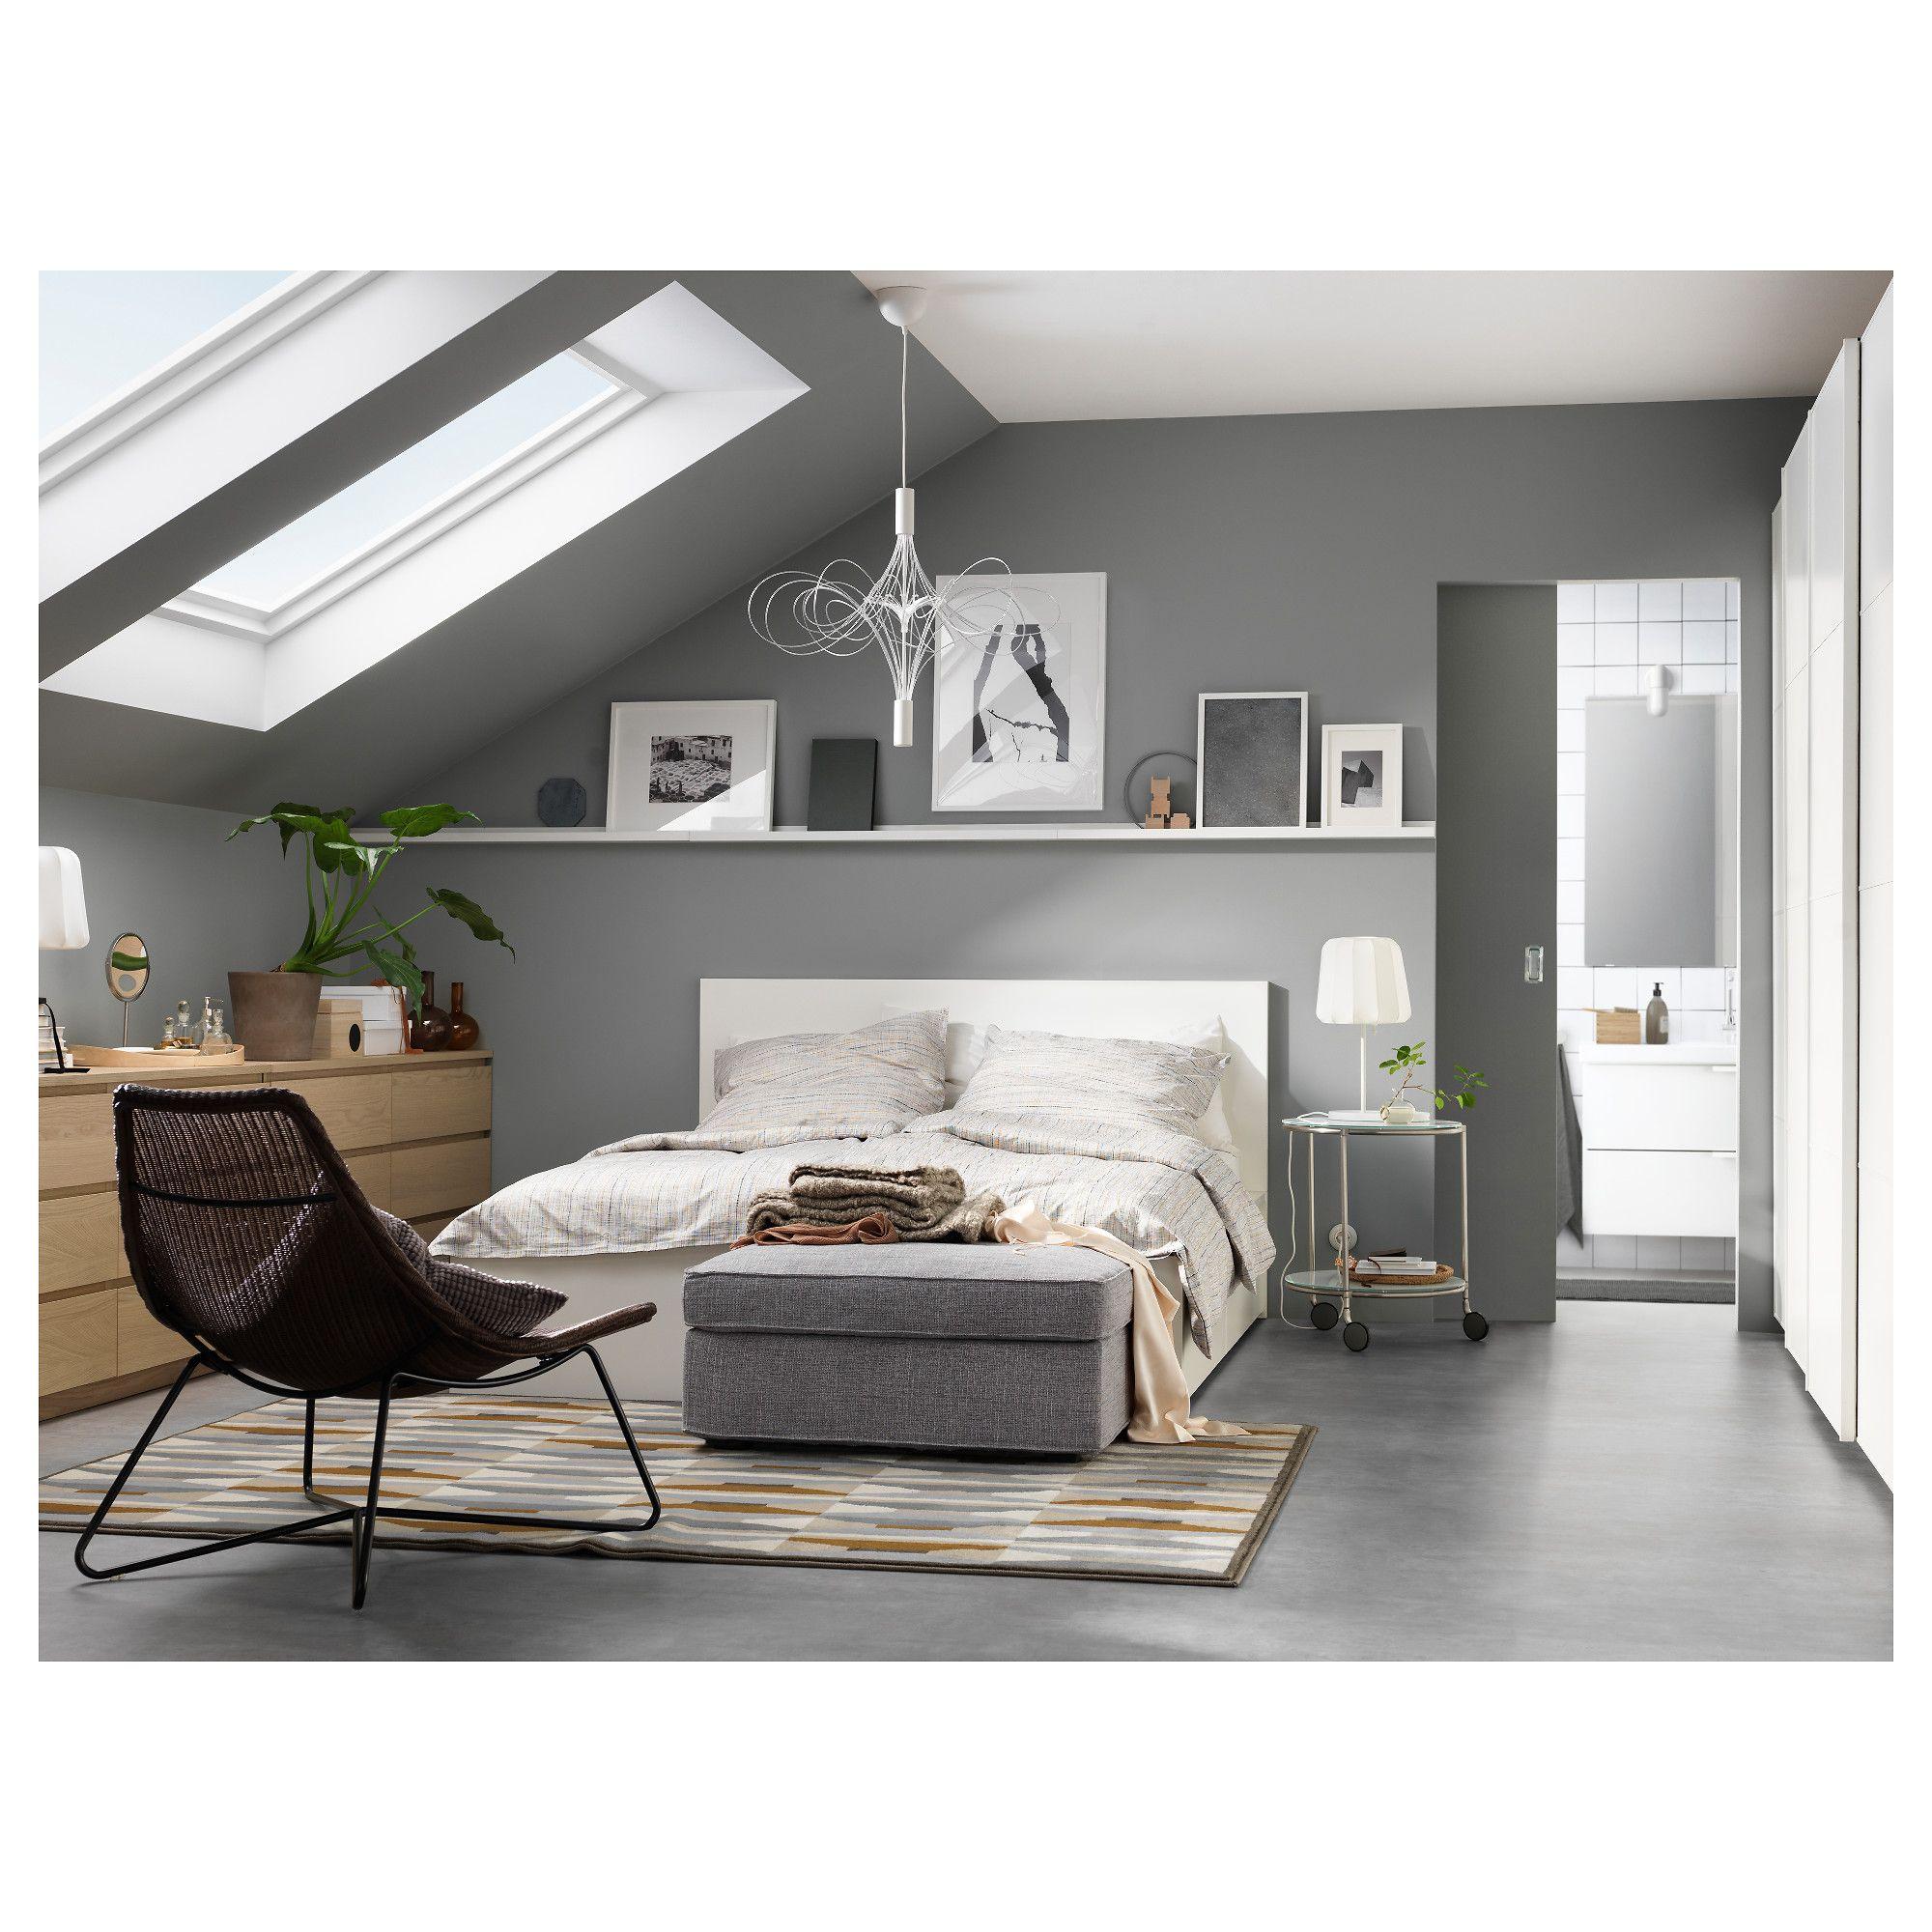 Malmbedframehighw2Storageboxeswhiteleirsund__ Inspiration Ikea Storage Living Room Design Ideas